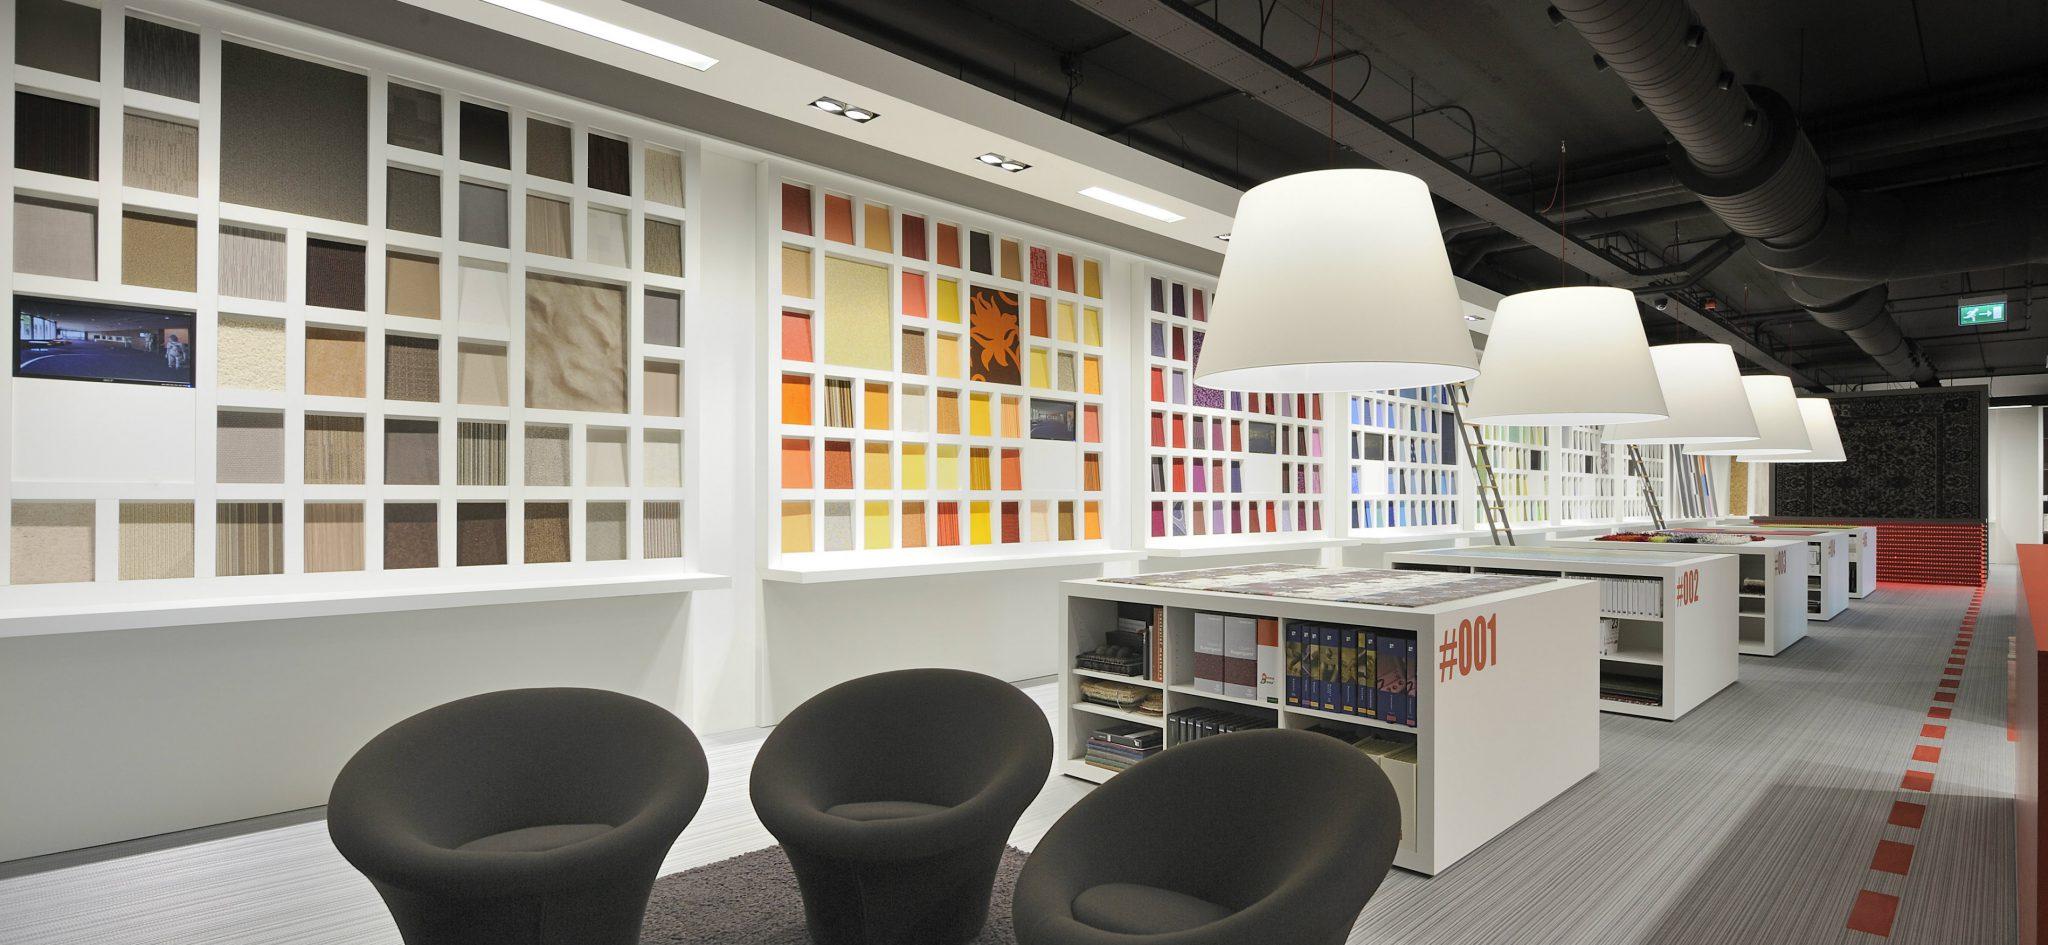 Ontwerp interieur winkels in woninginrichting | Inspiratie